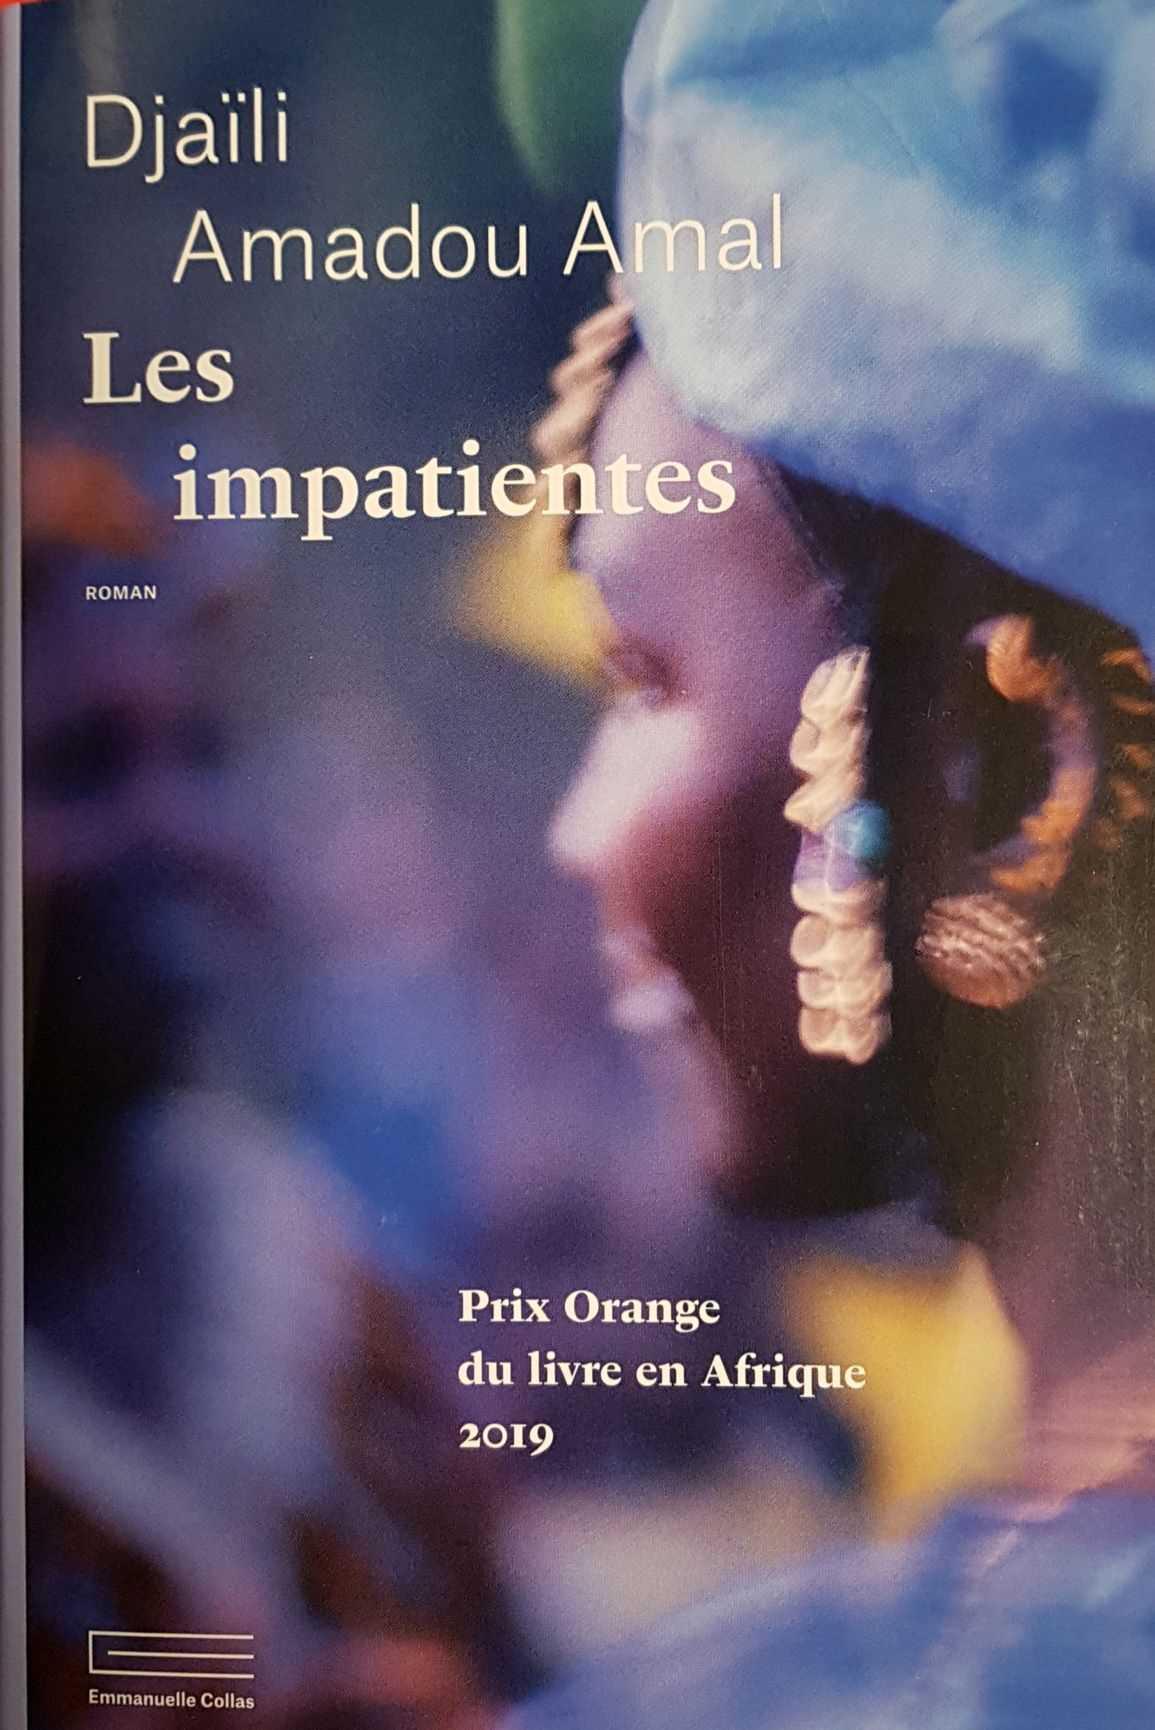 Librairie La LIbrai'bulles coup de coeur les Impatientes